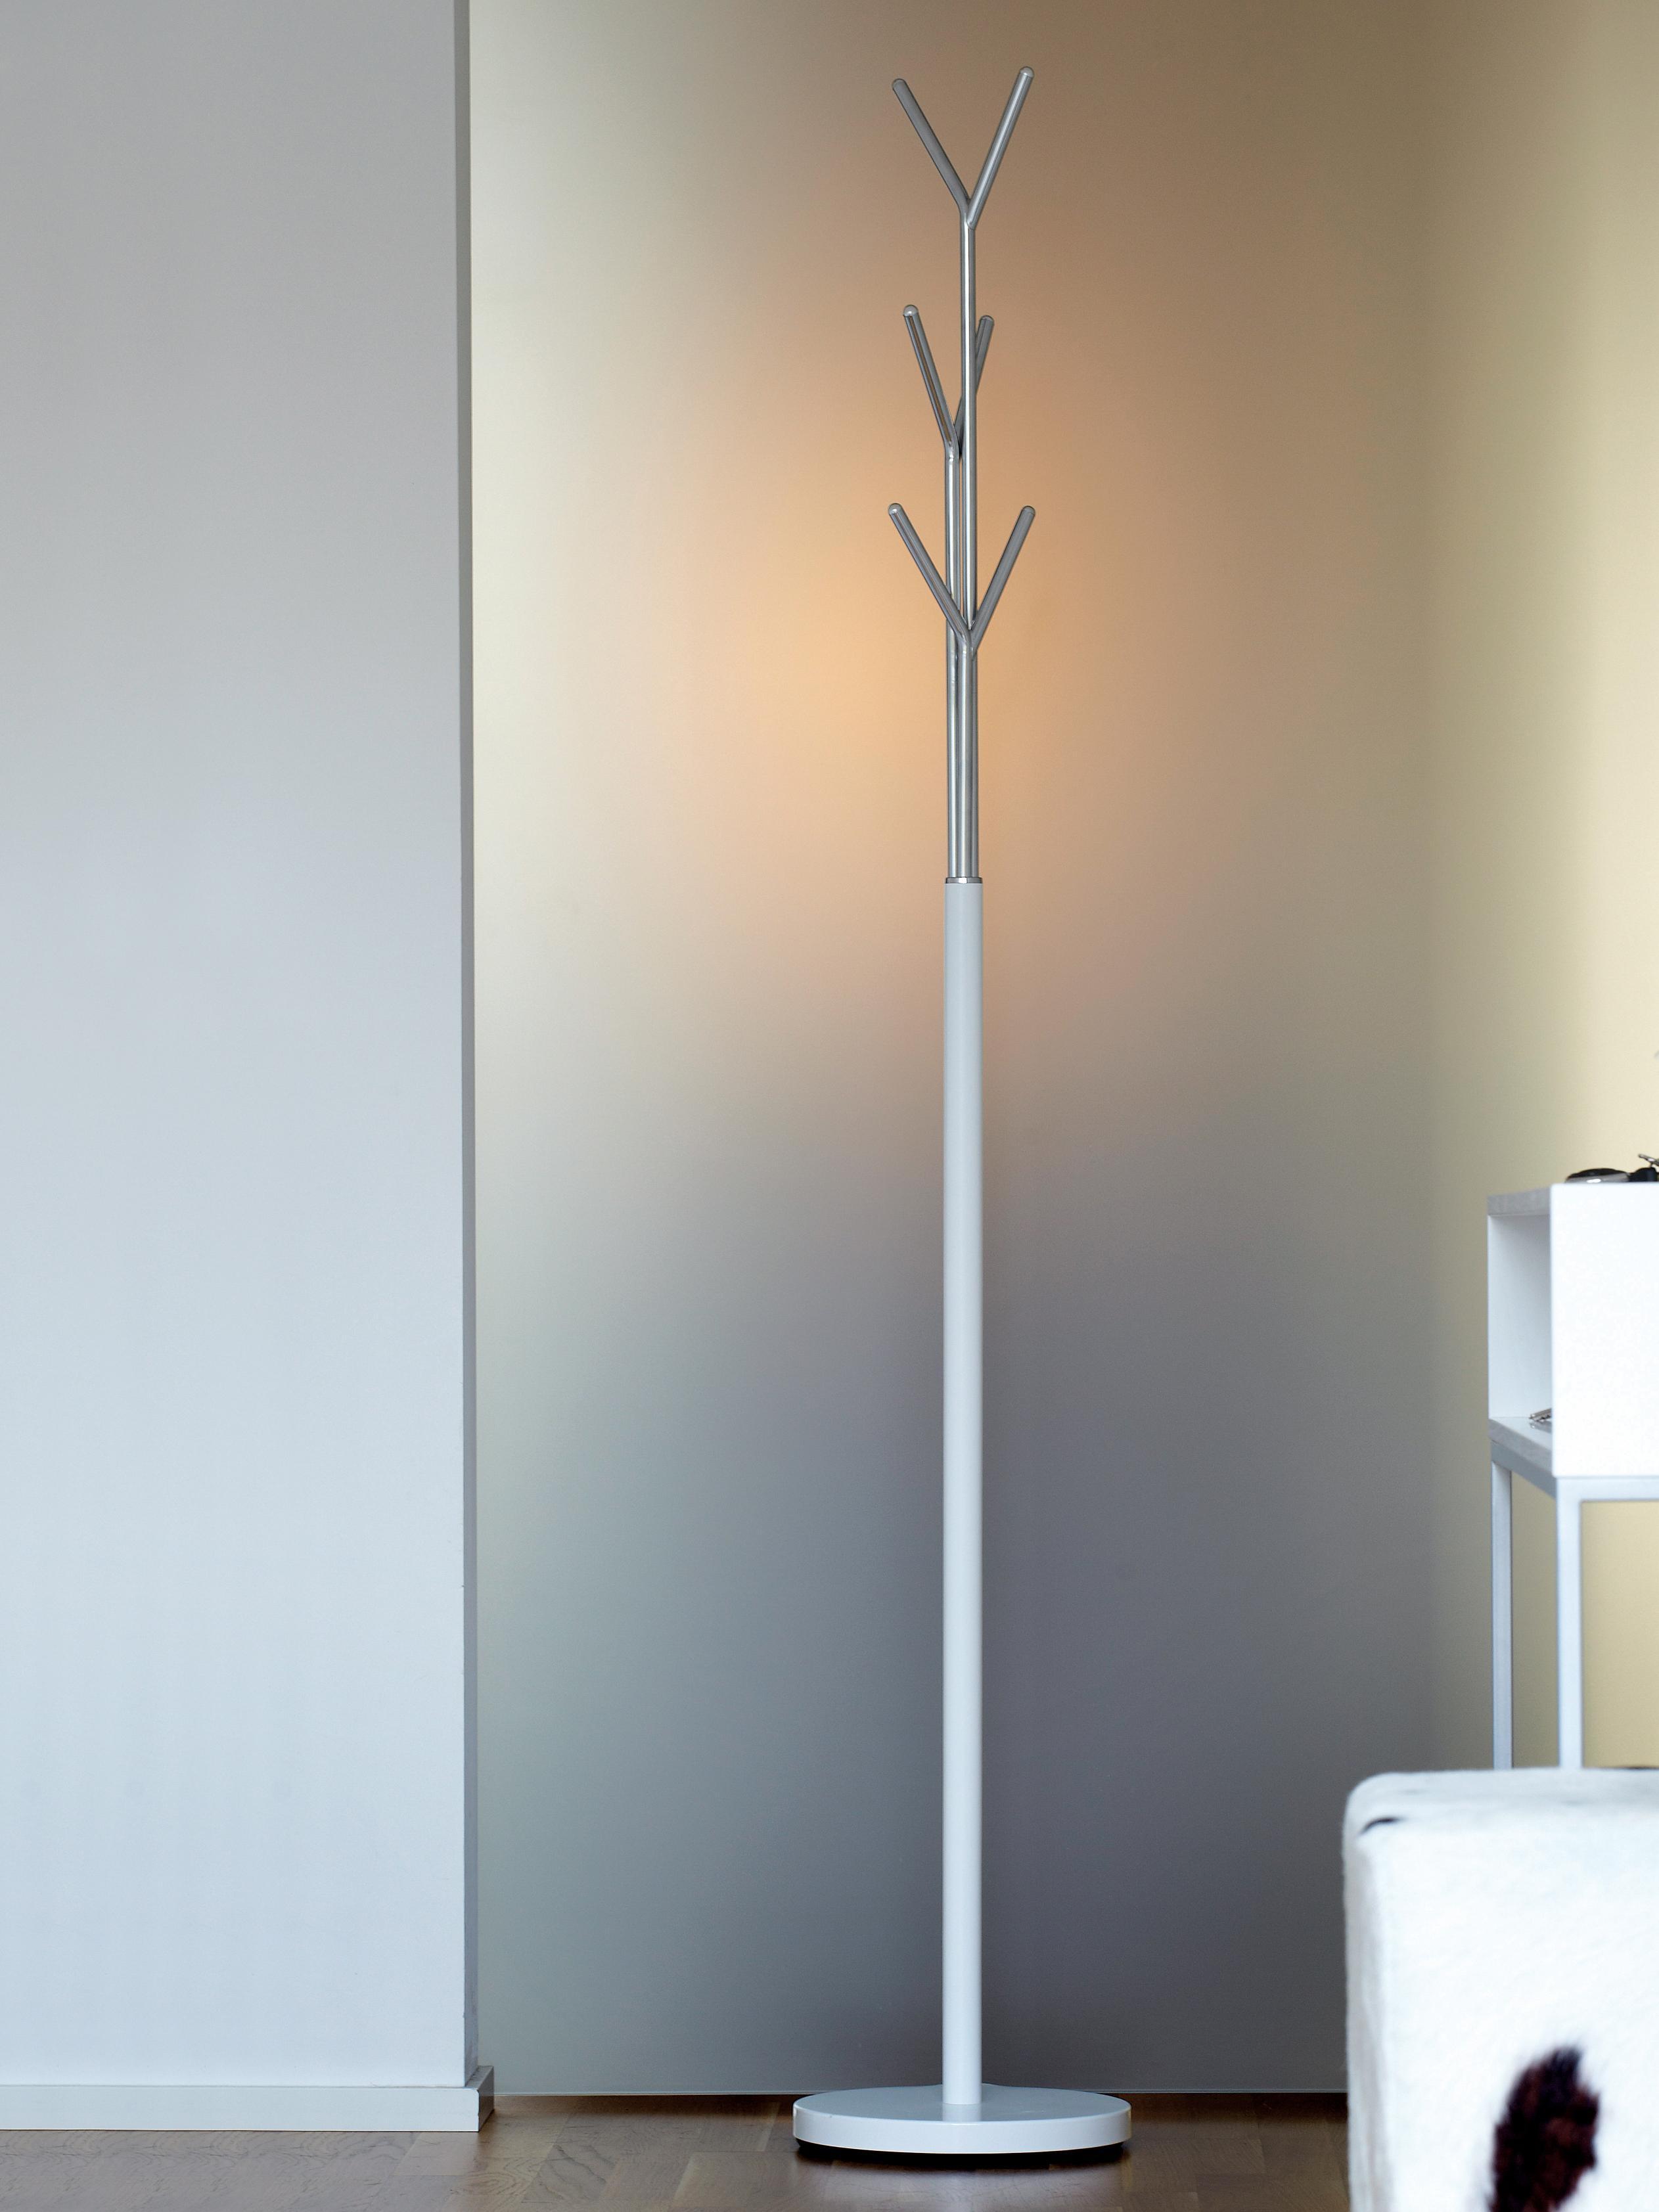 Kleiderständer London mit 6 Haken, Gestell: Stahlrohr, pulverbeschich, Weiß, Chrom, Ø 31 x H 177 cm